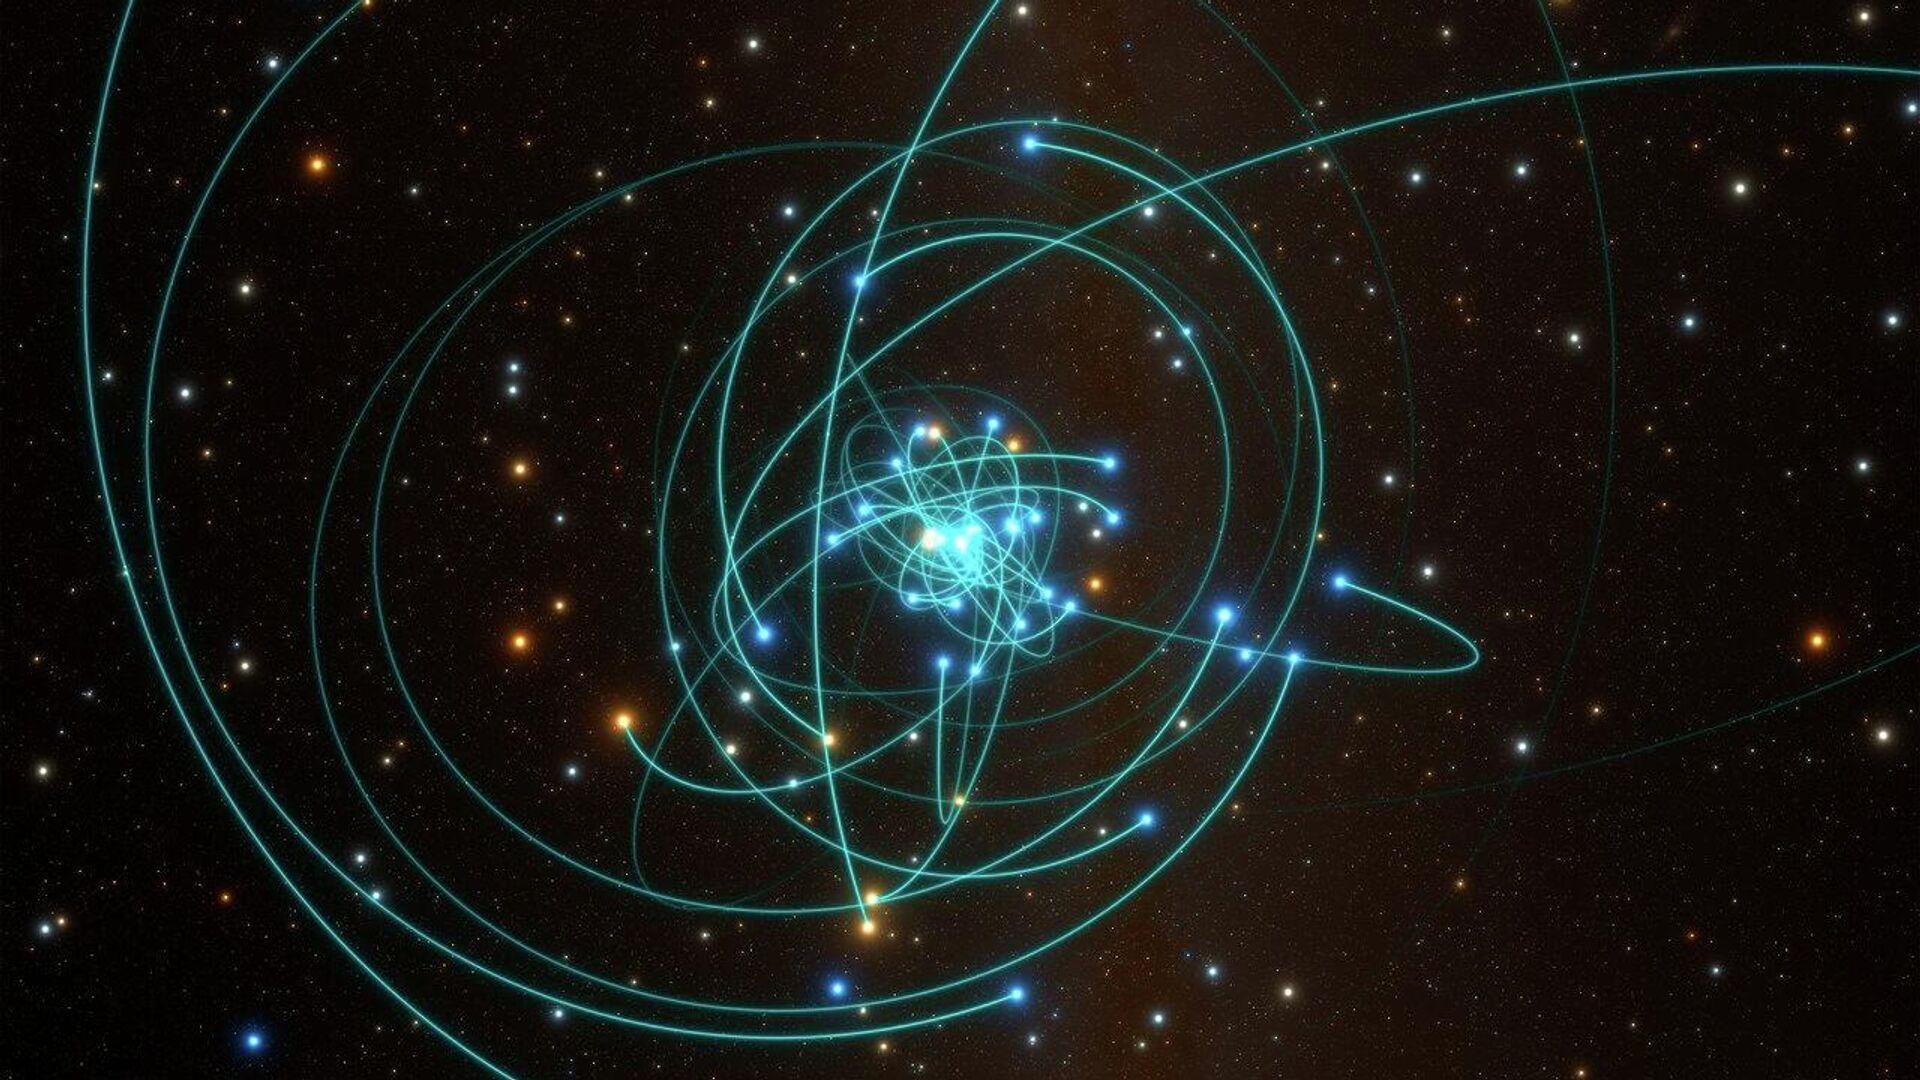 Впервые измерена скорость вращения черной дыры в центре нашей Галактики